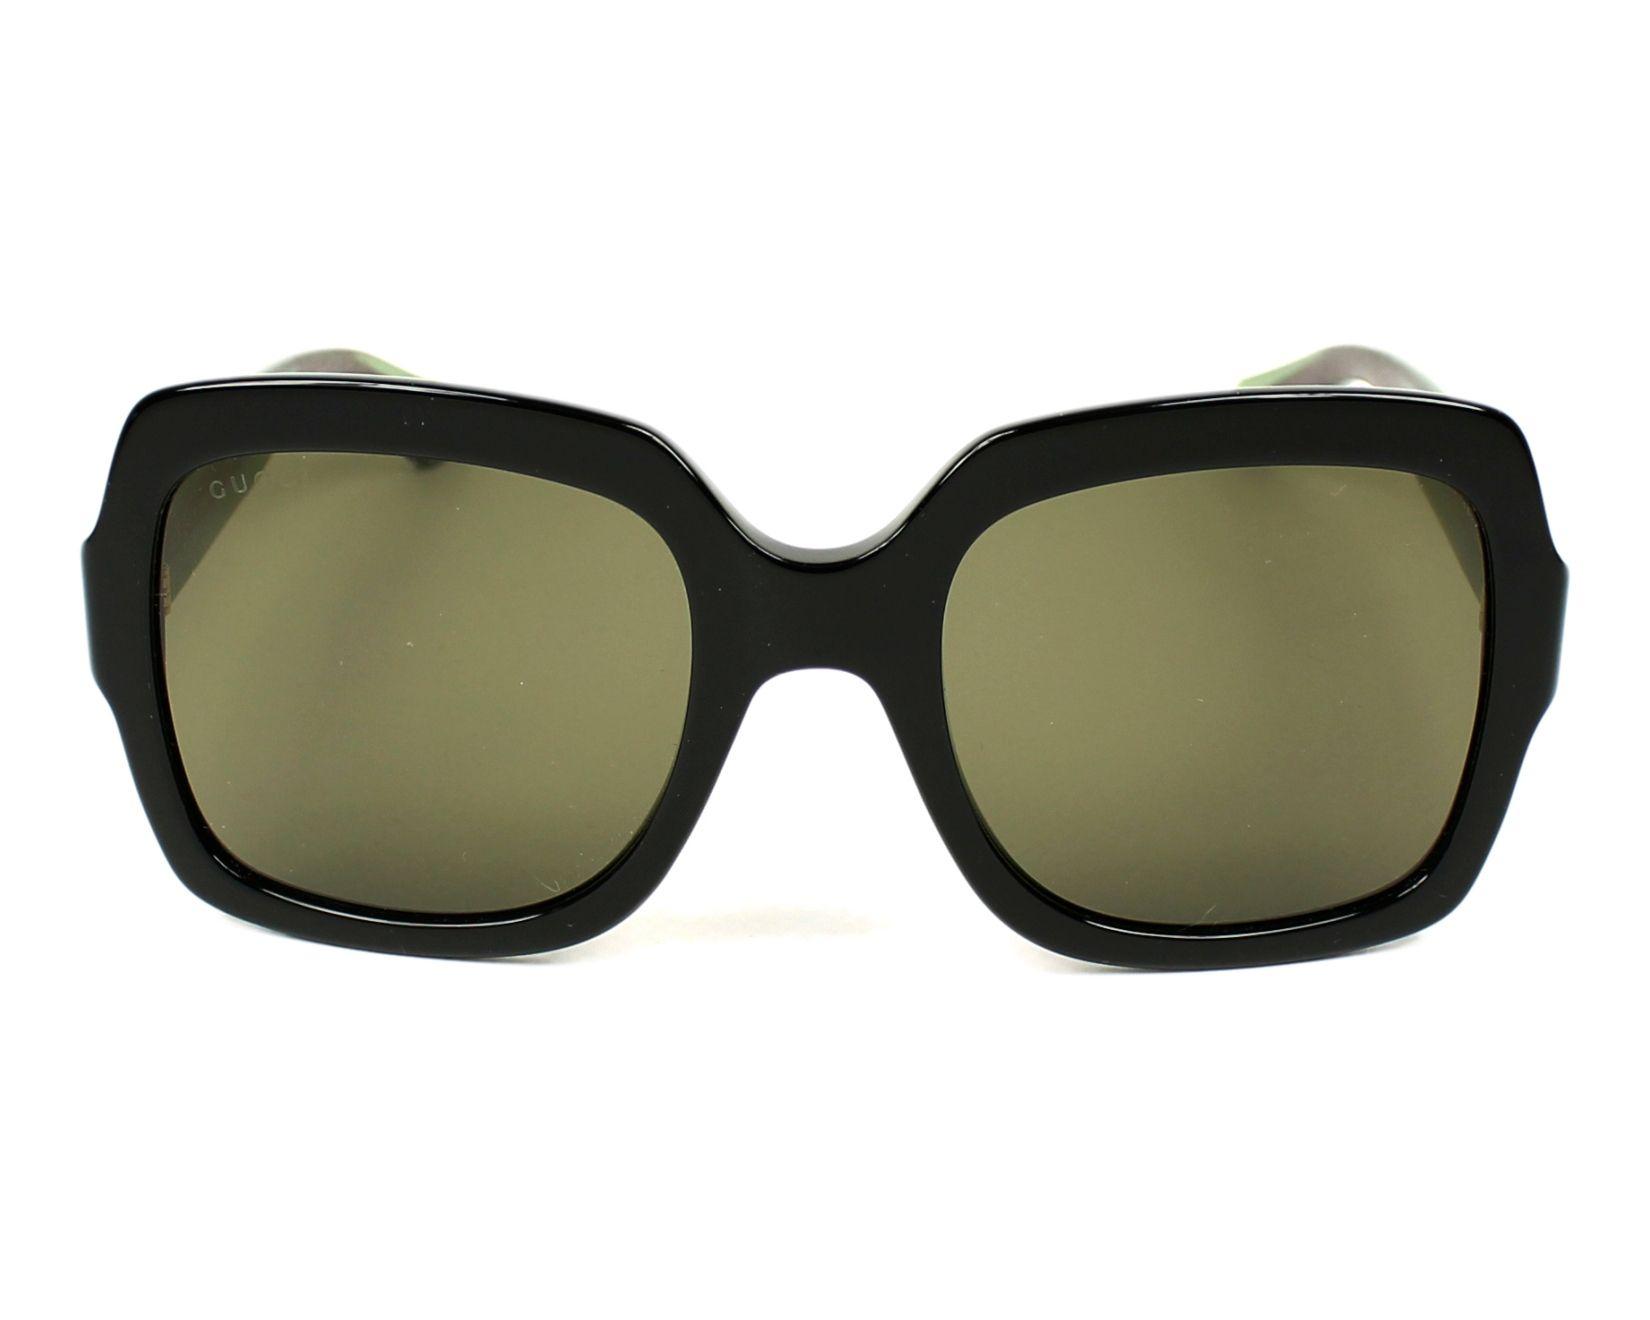 4c7fdbea50 Sunglasses Gucci GG-0036-S 002 54-22 Black Green front view